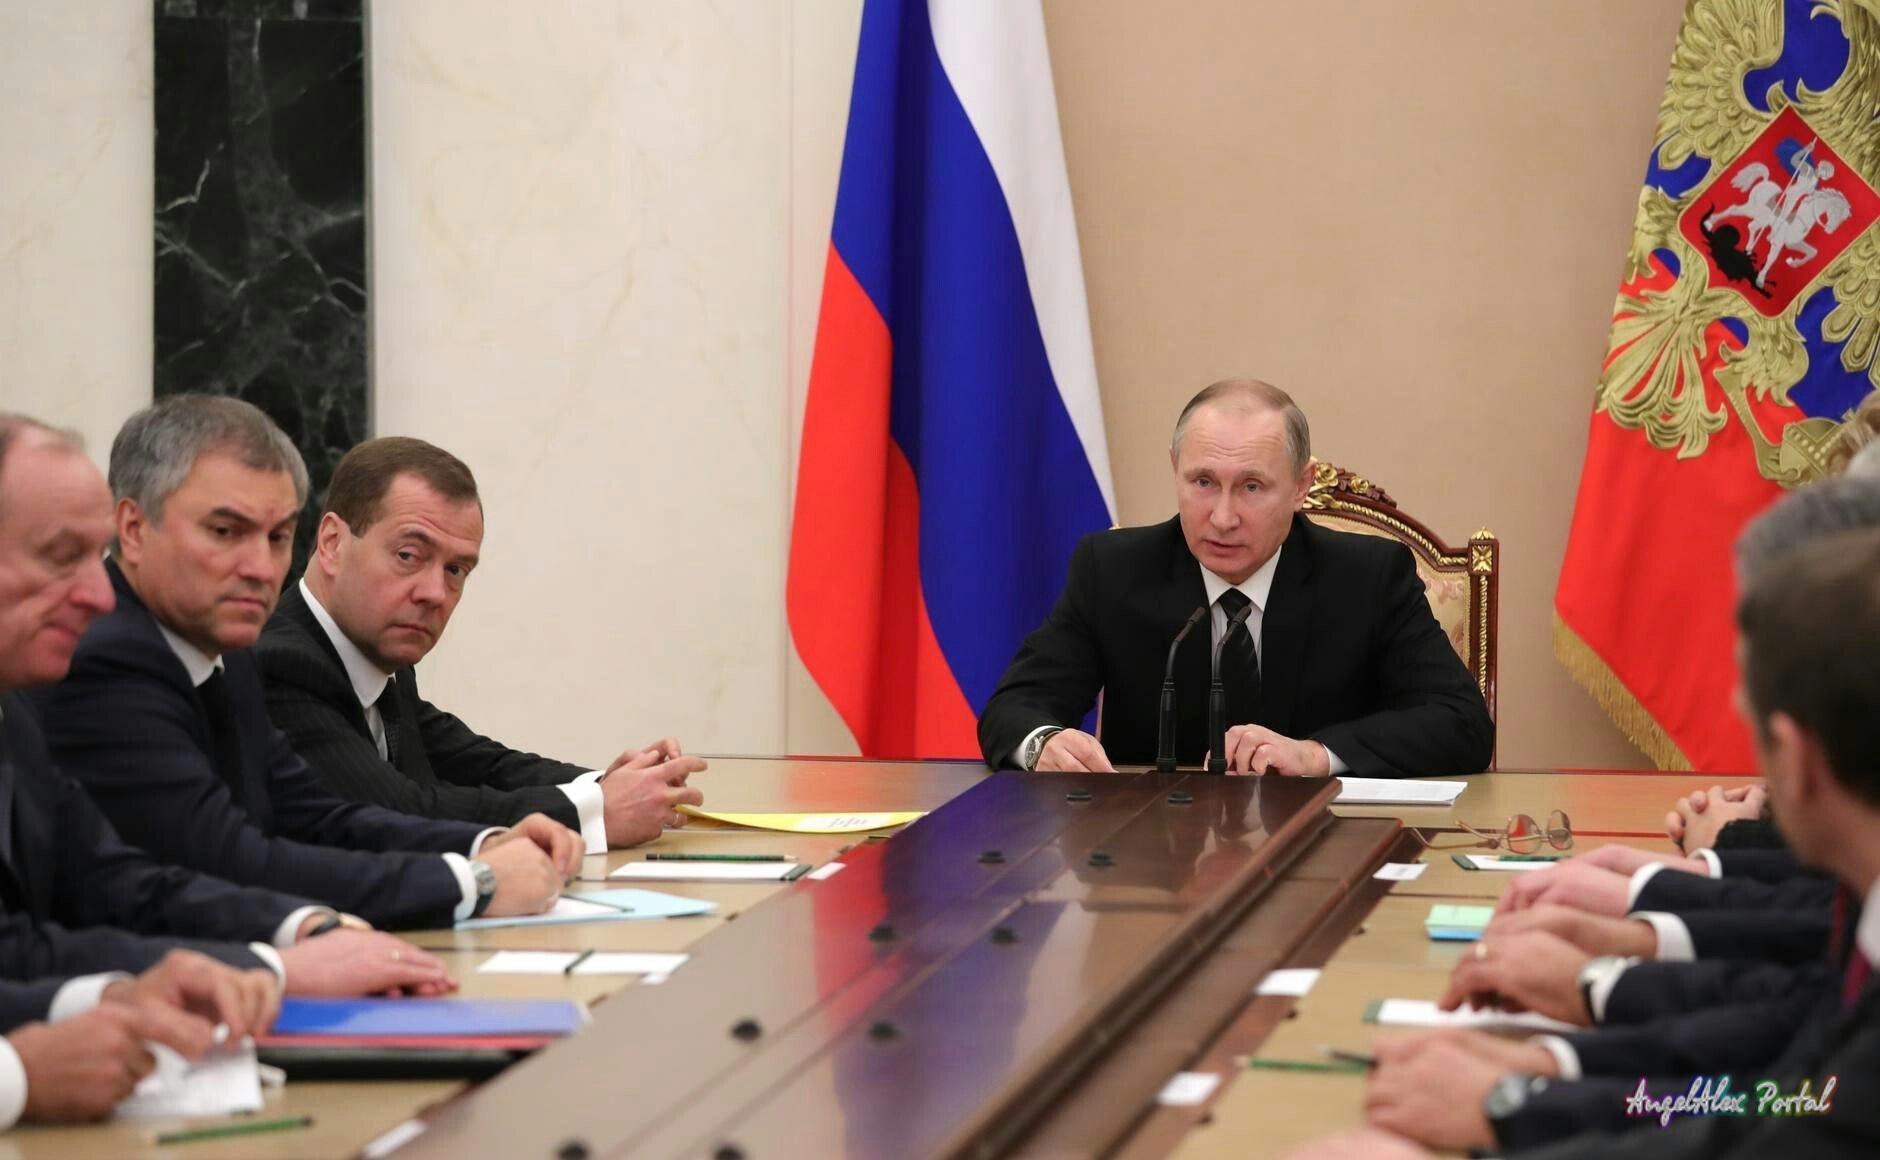 Владимир Путин провел совещание по ситуации в Донбассе